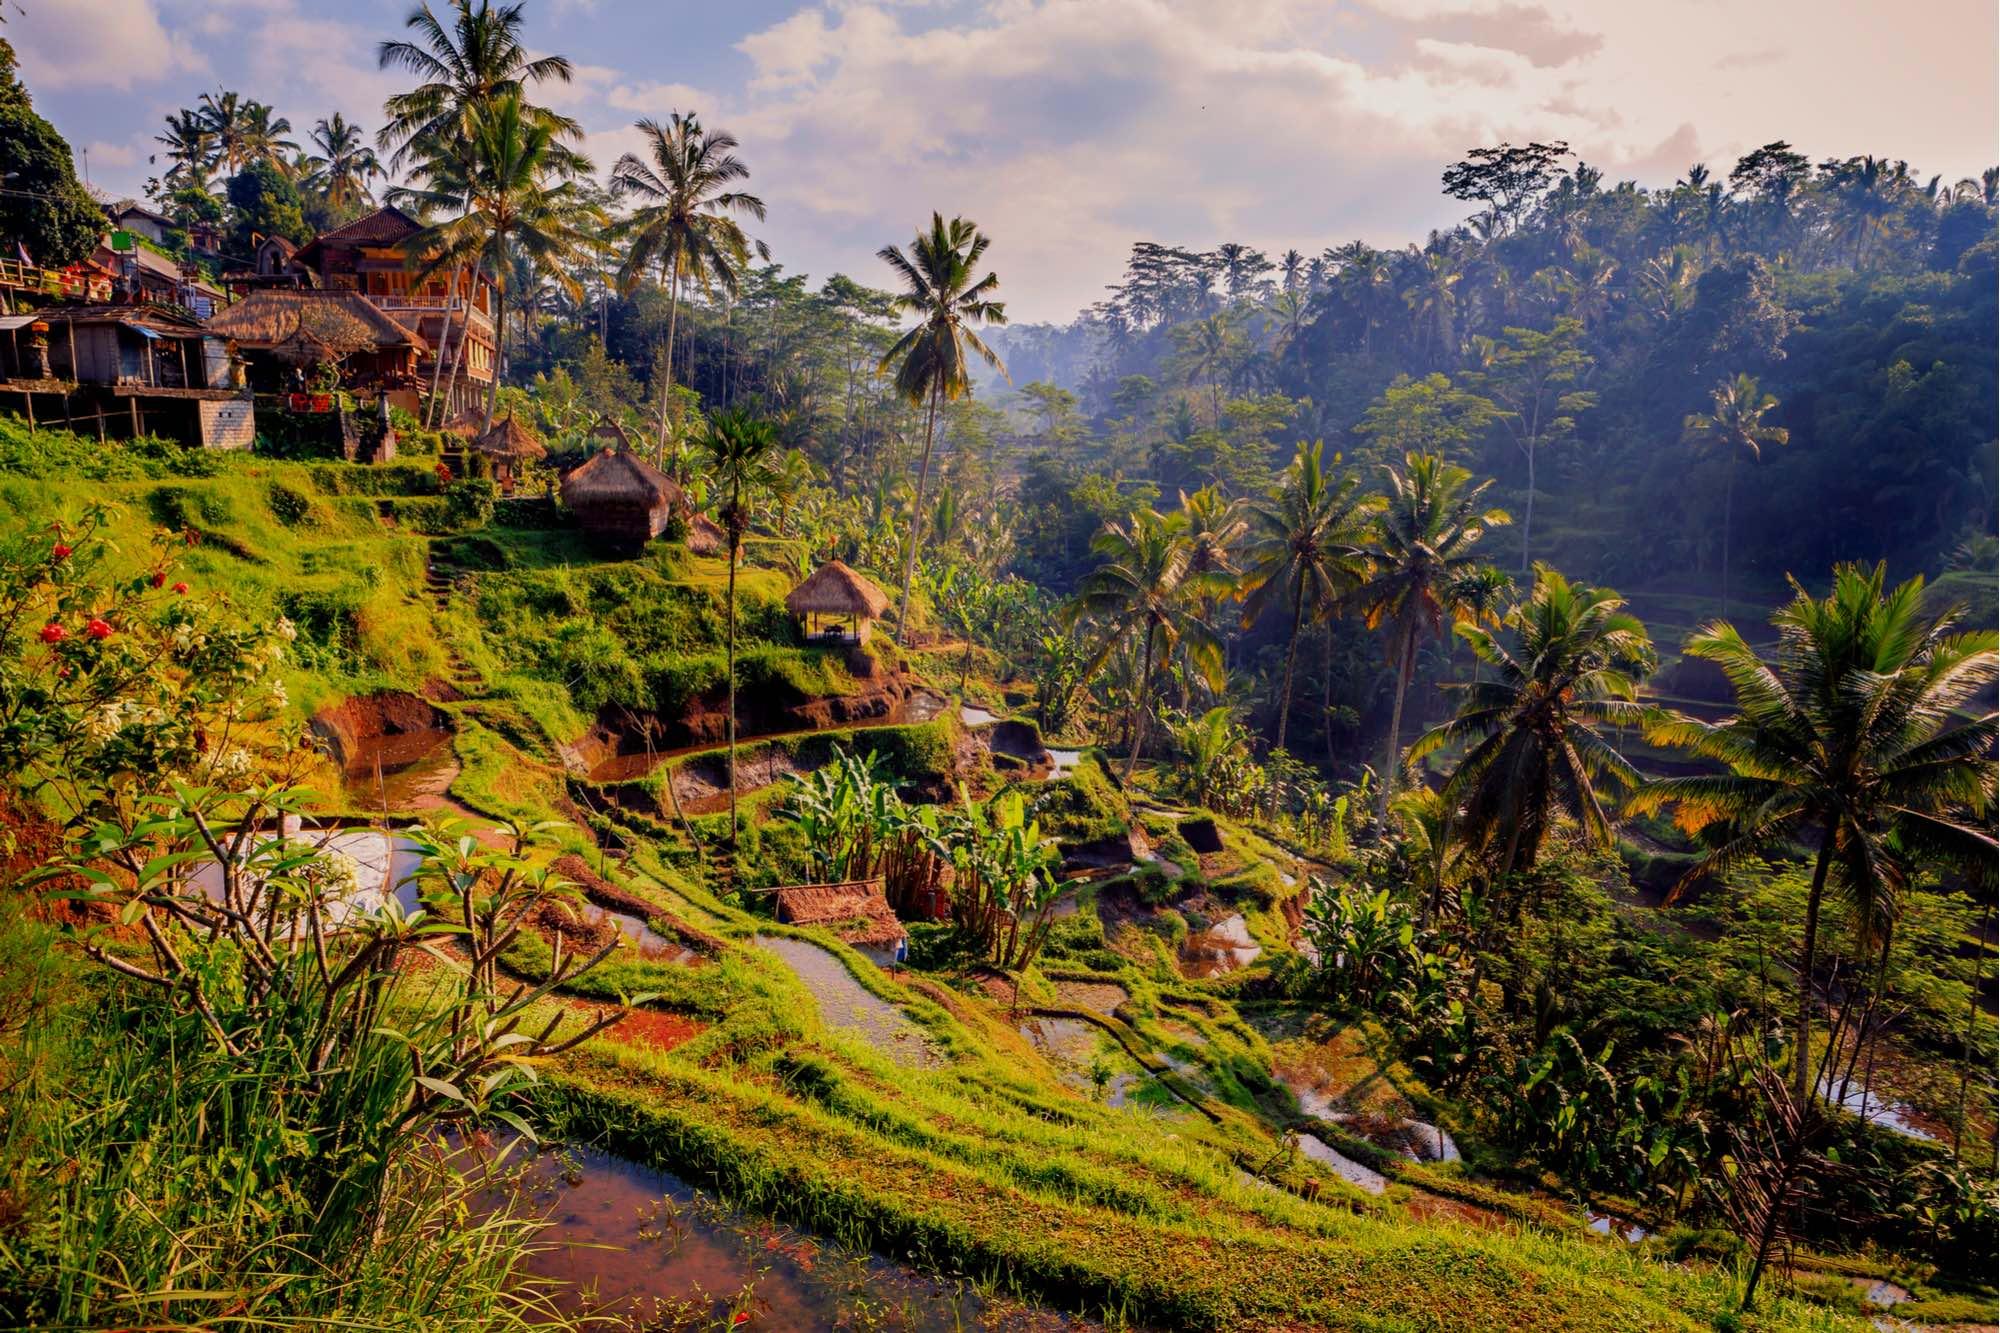 A Day Trip to Ubud